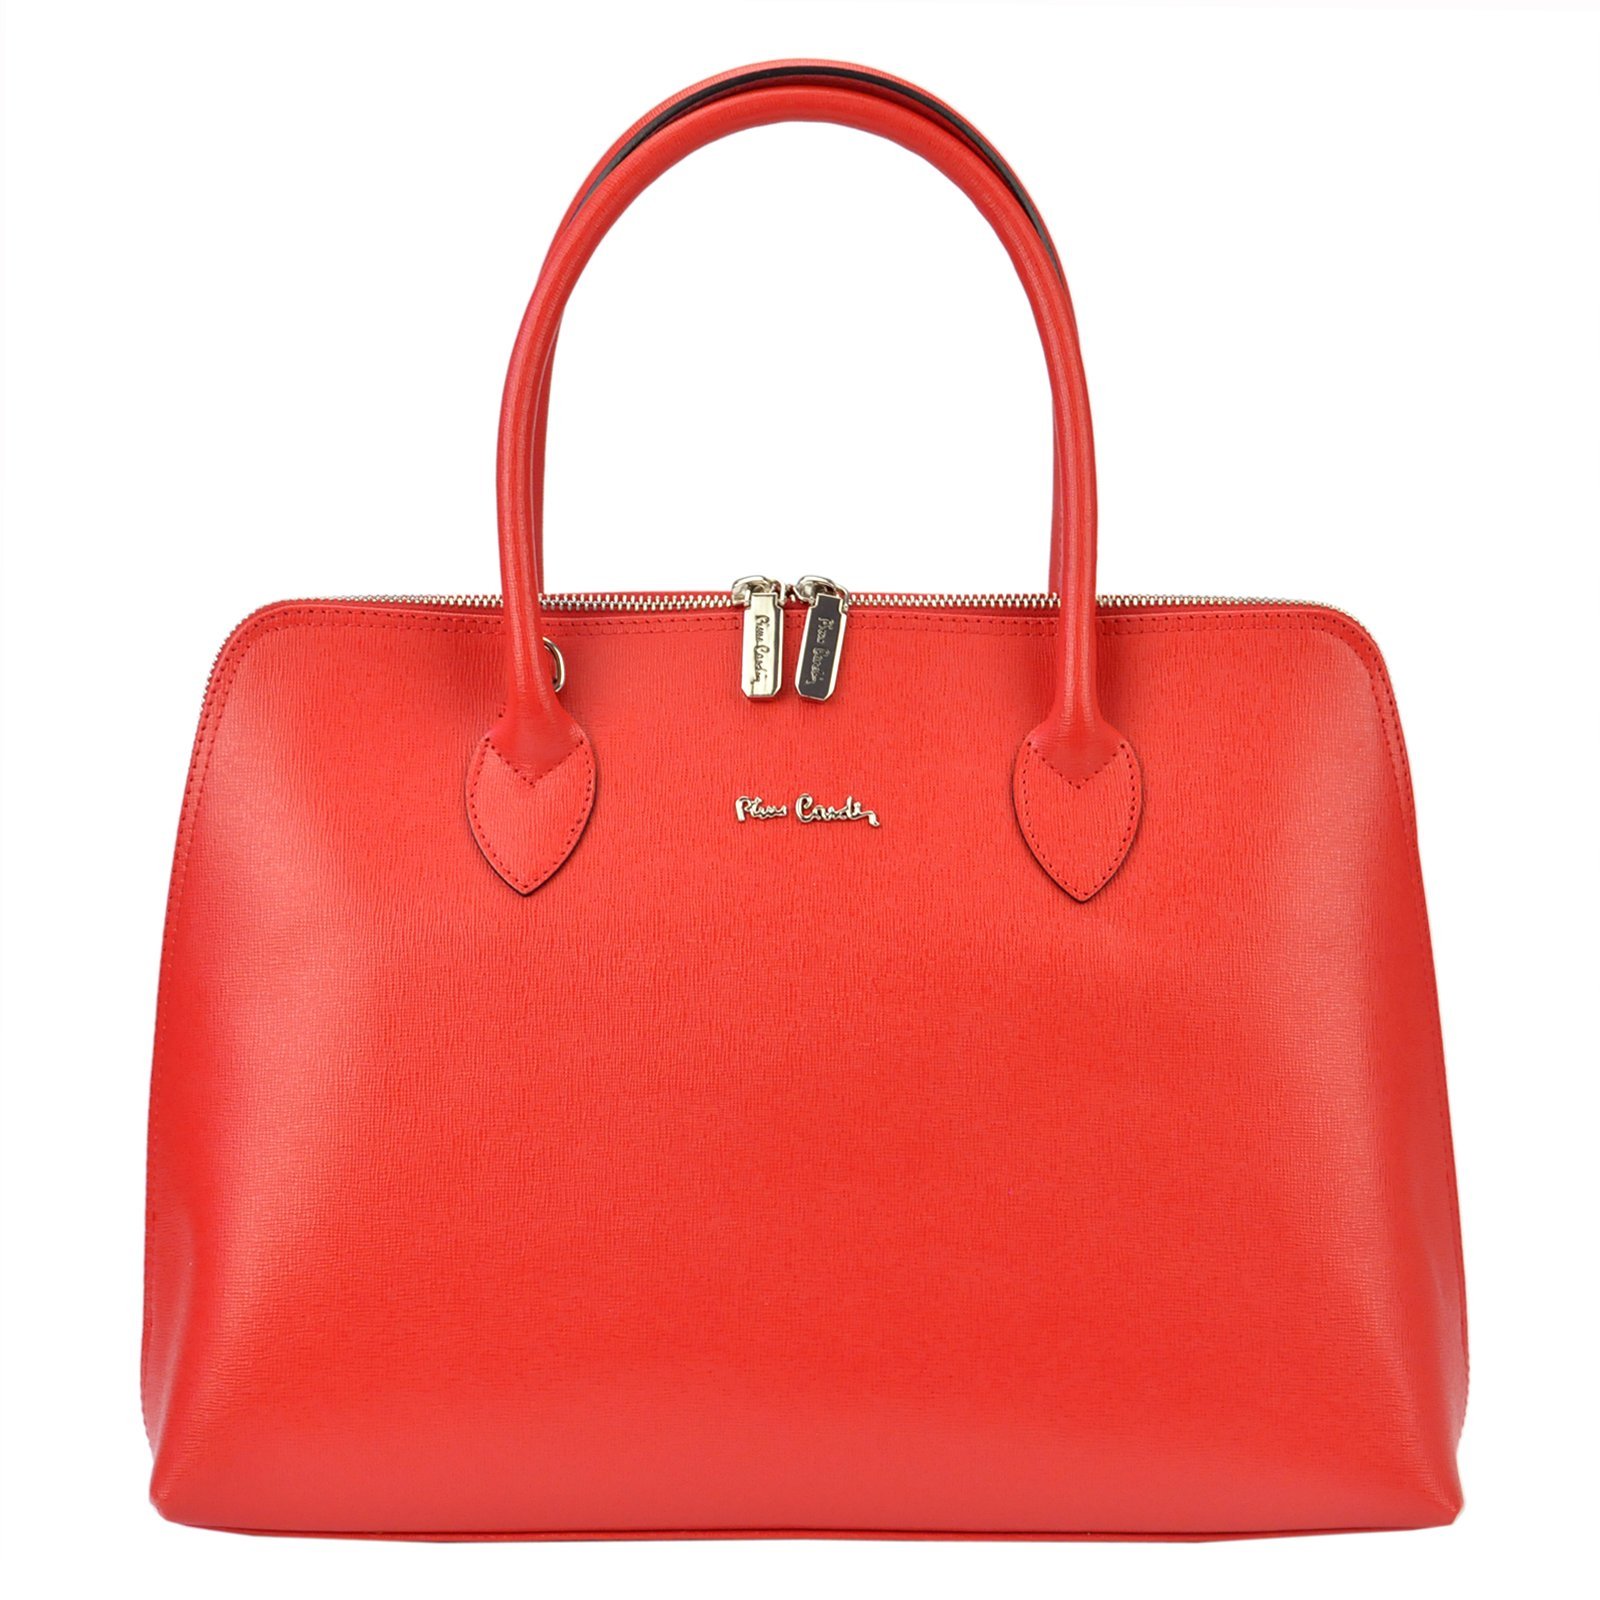 Dámská kabelka Pierre Cardin FRZ 1623 FRENZY - červená a3748abbe5d